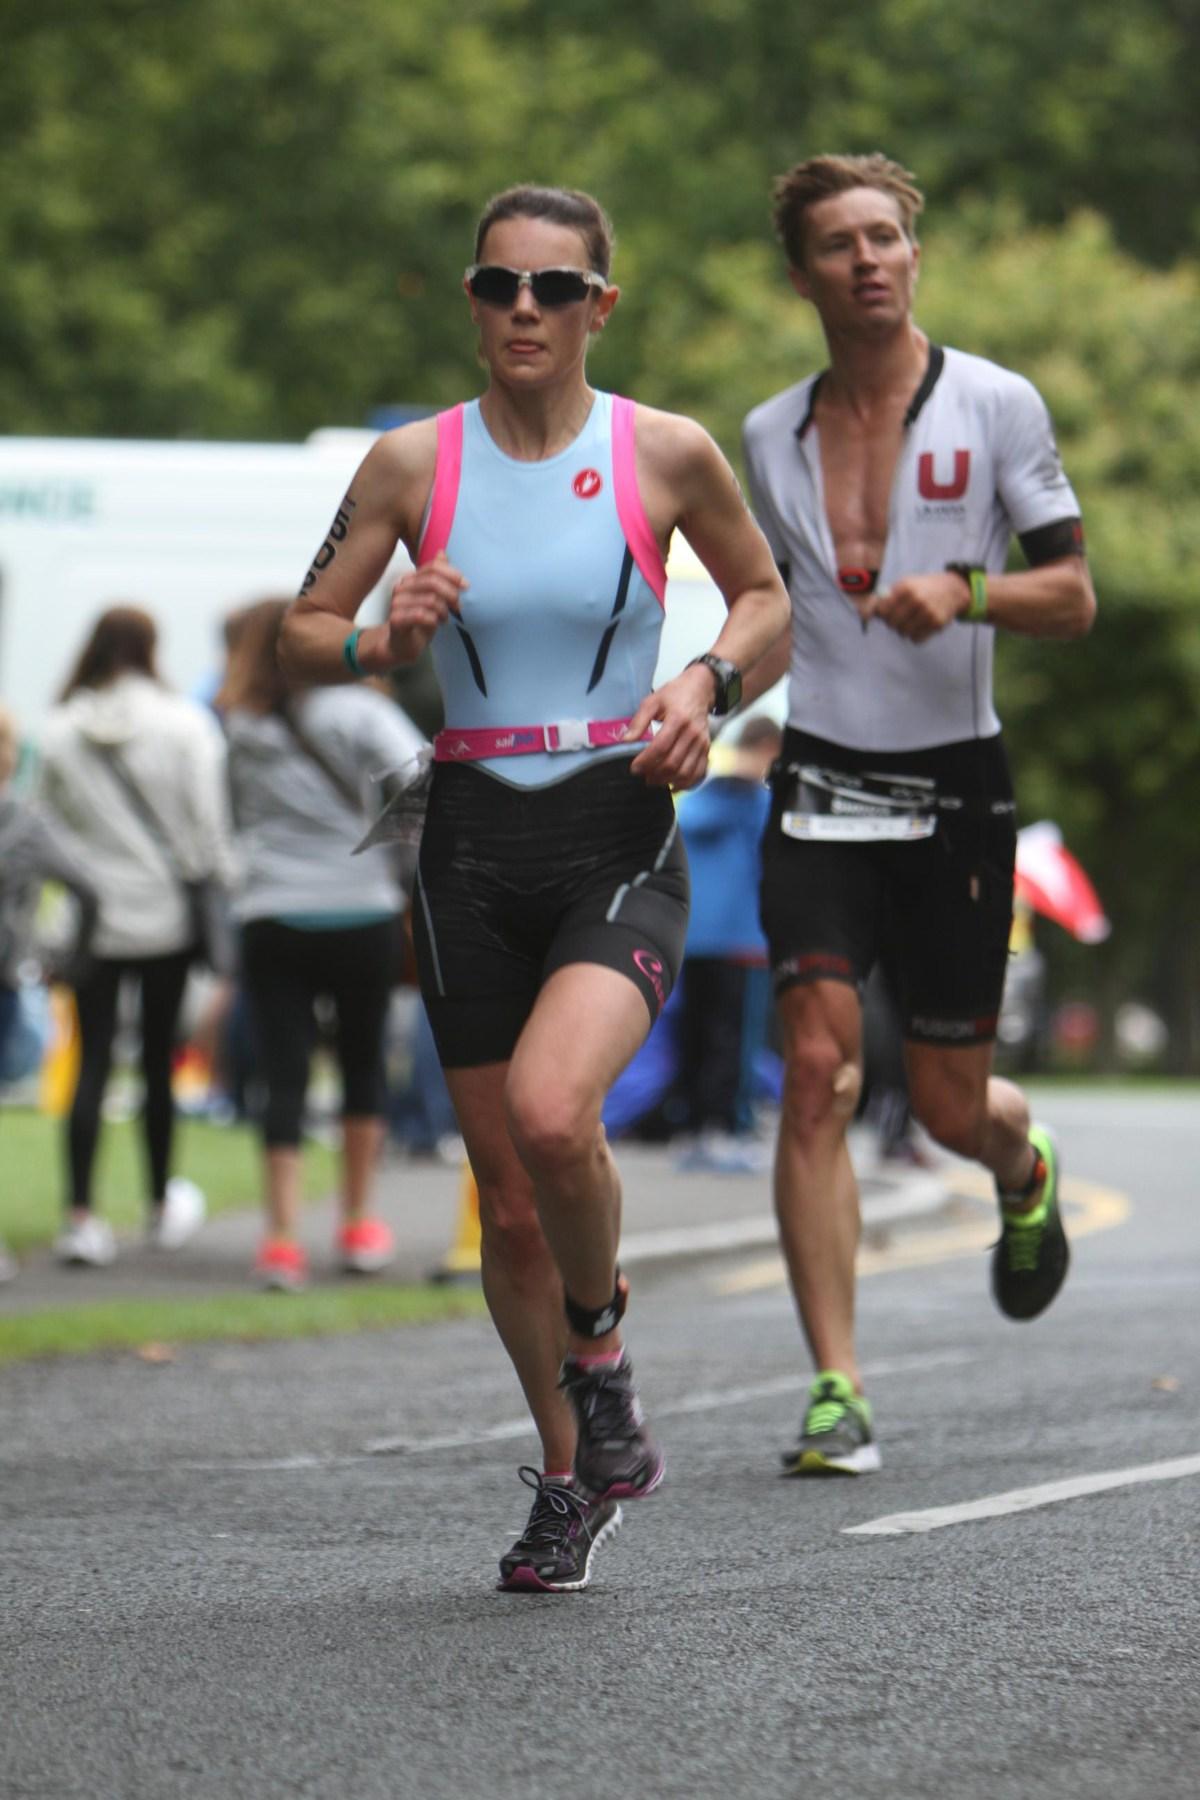 Andrea racing ironman 70.3 Dublin 2017